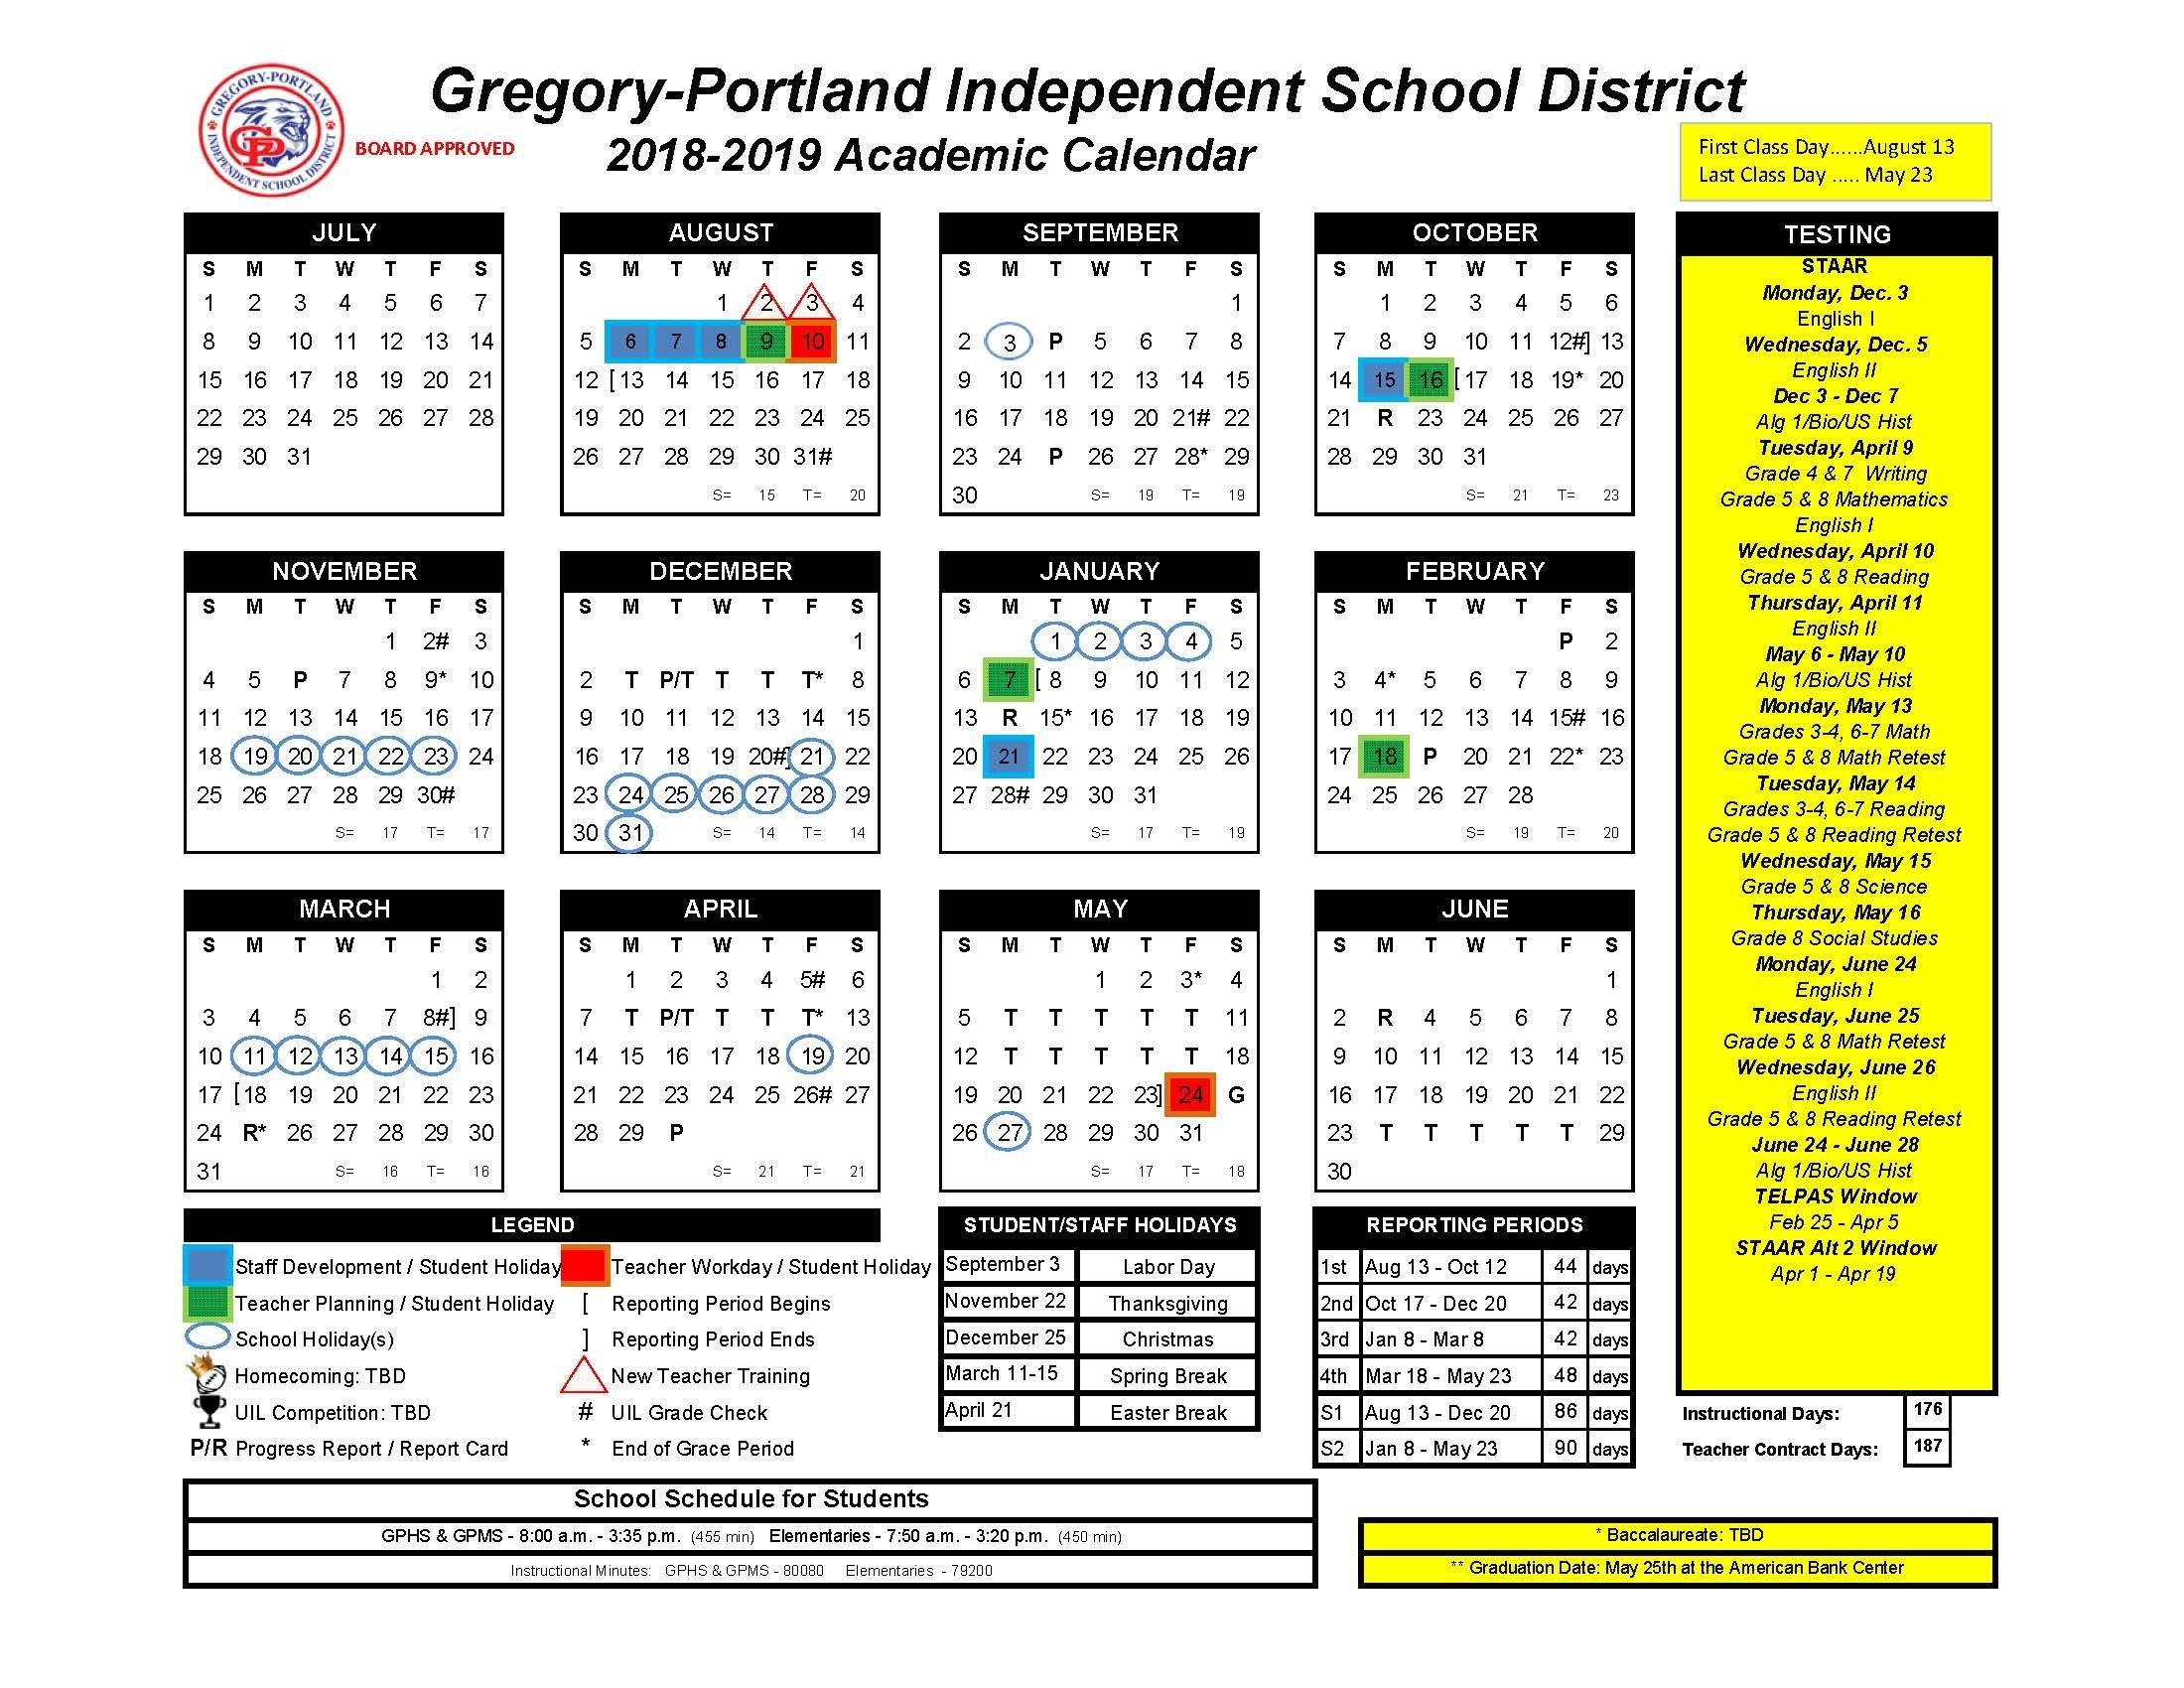 District Calendar, 2018 19 – Gregory Portland Independent School School District 8 2019 Calendar